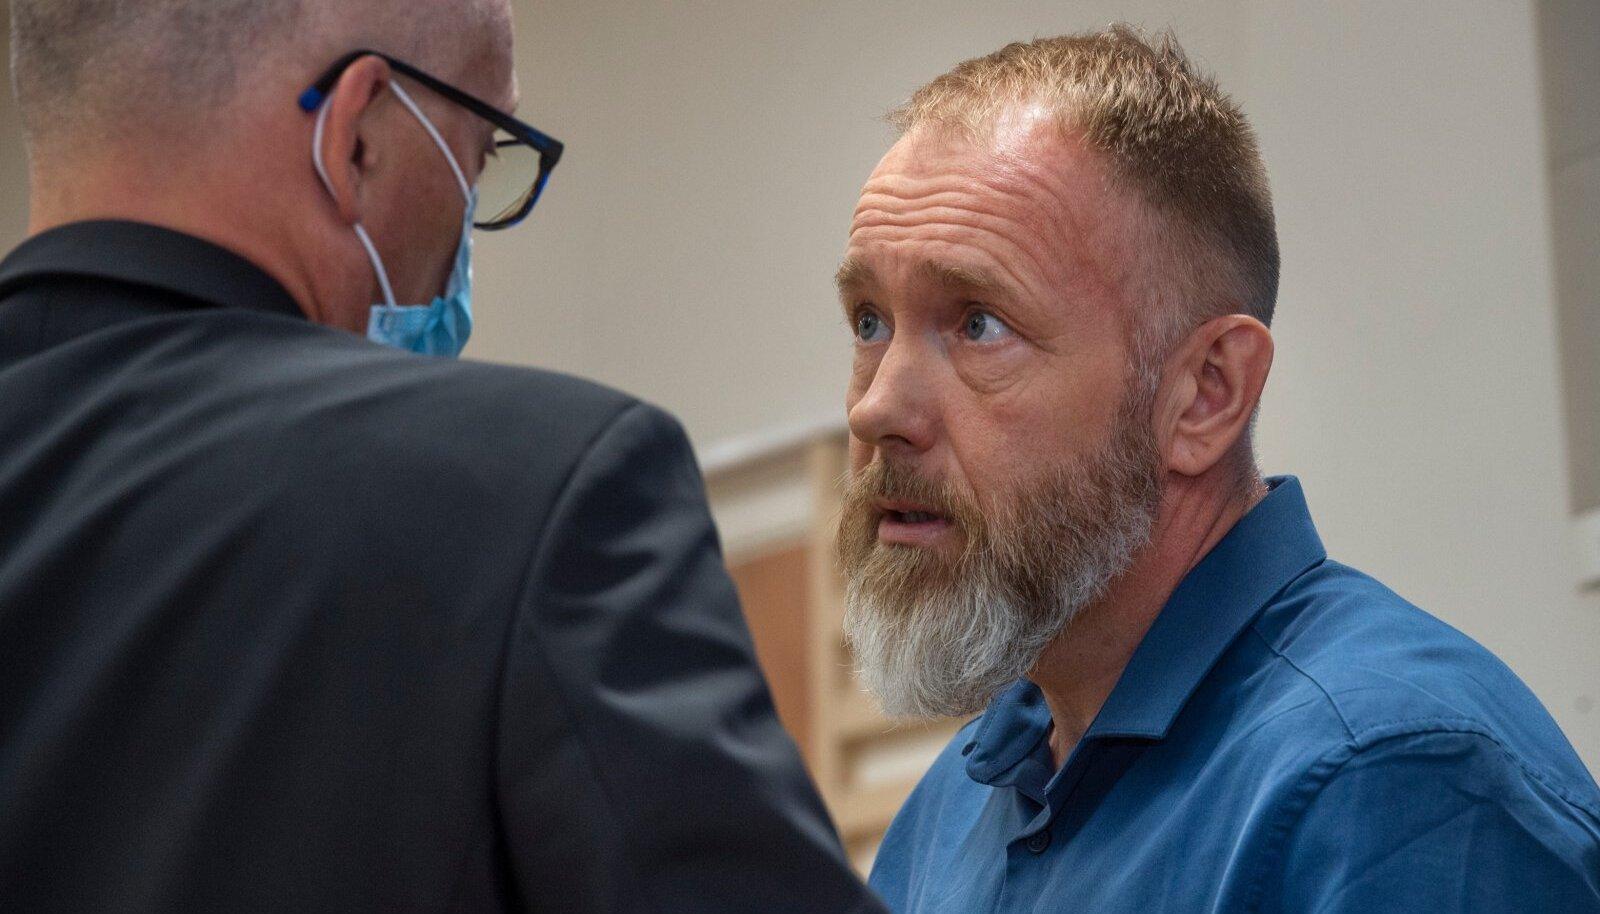 MIS SAAB EDASI? Advokaat Teet Veer ja kolme inimese mõrvakatses süüdi mõistetud Indrek veidi enne kohtuotsuse kuulutamist Harju maakohtus.